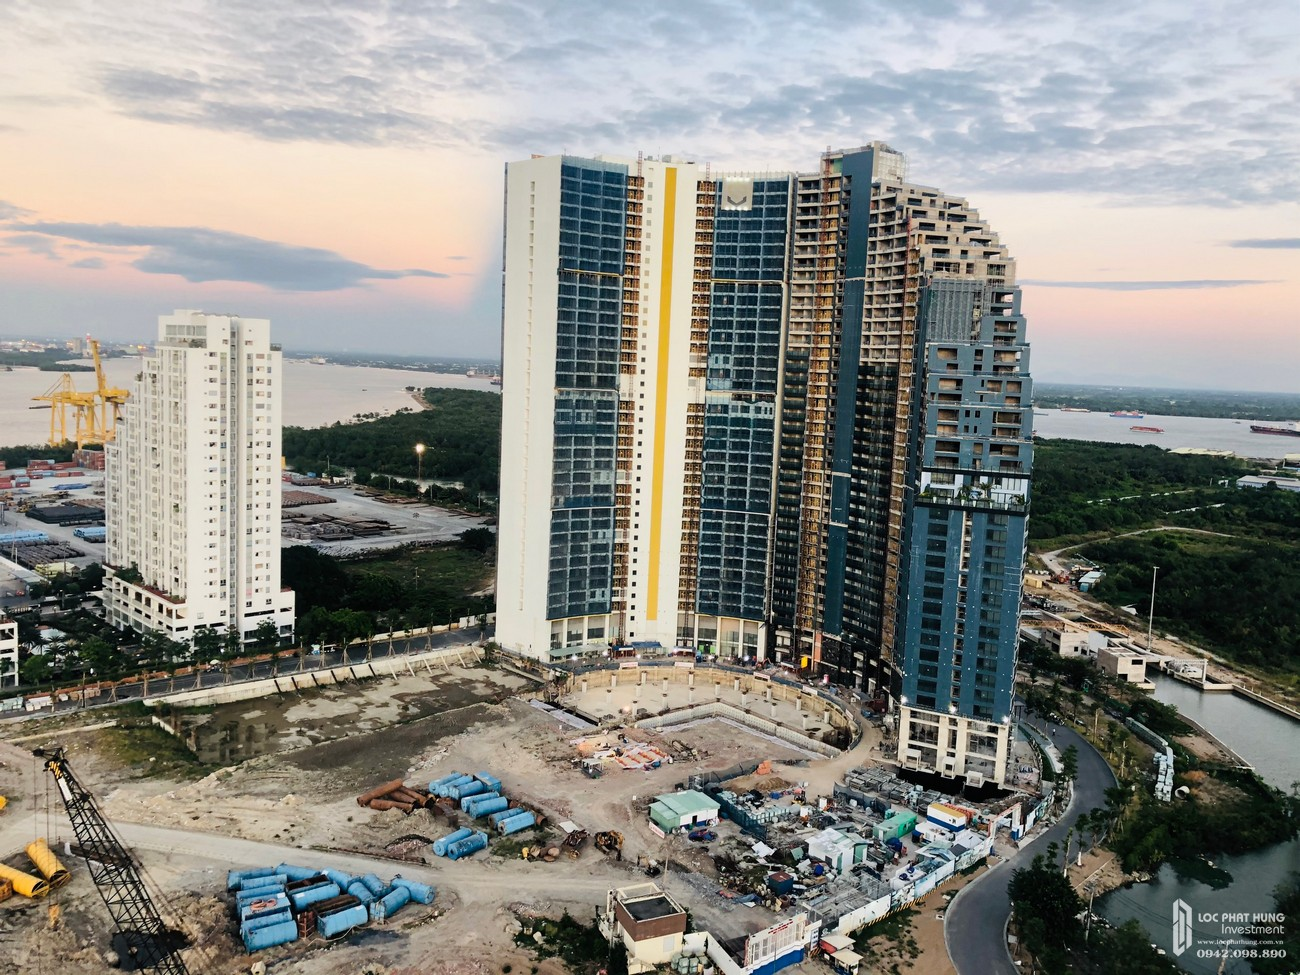 Tiến độ dự án căn hộ chung cư Sunshine Diamond River Quận 7 Đường Đào Trí chủ đầu tư Sunshine Group